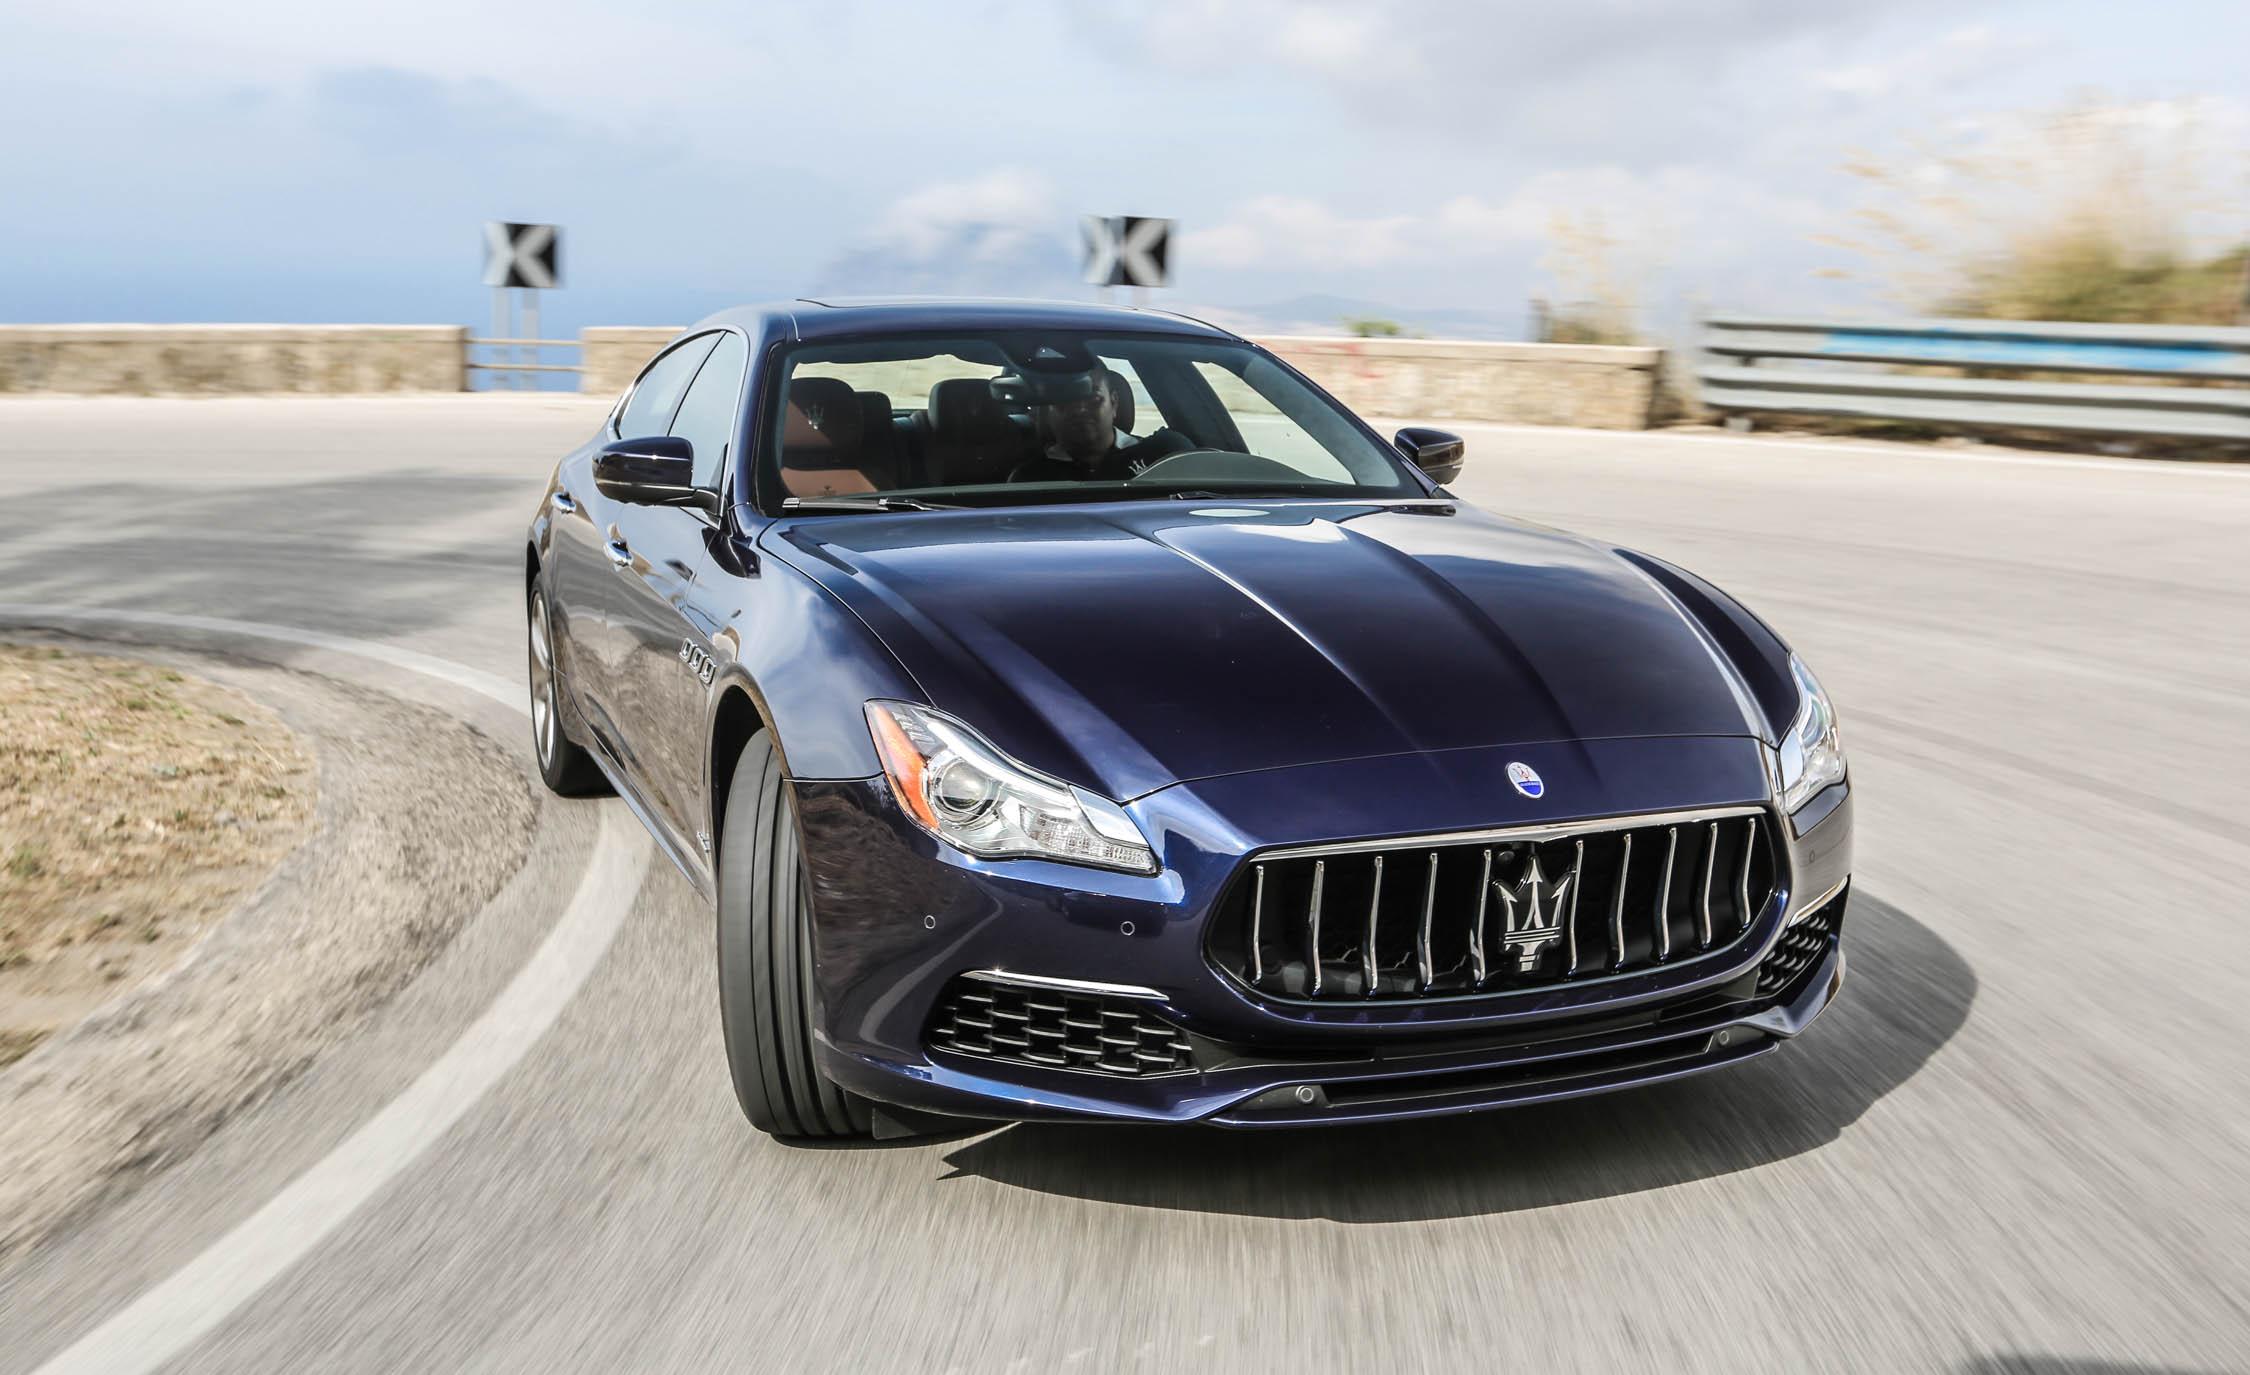 2017 Maserati Quattroporte GTS GranLusso (Photo 2 of 55)